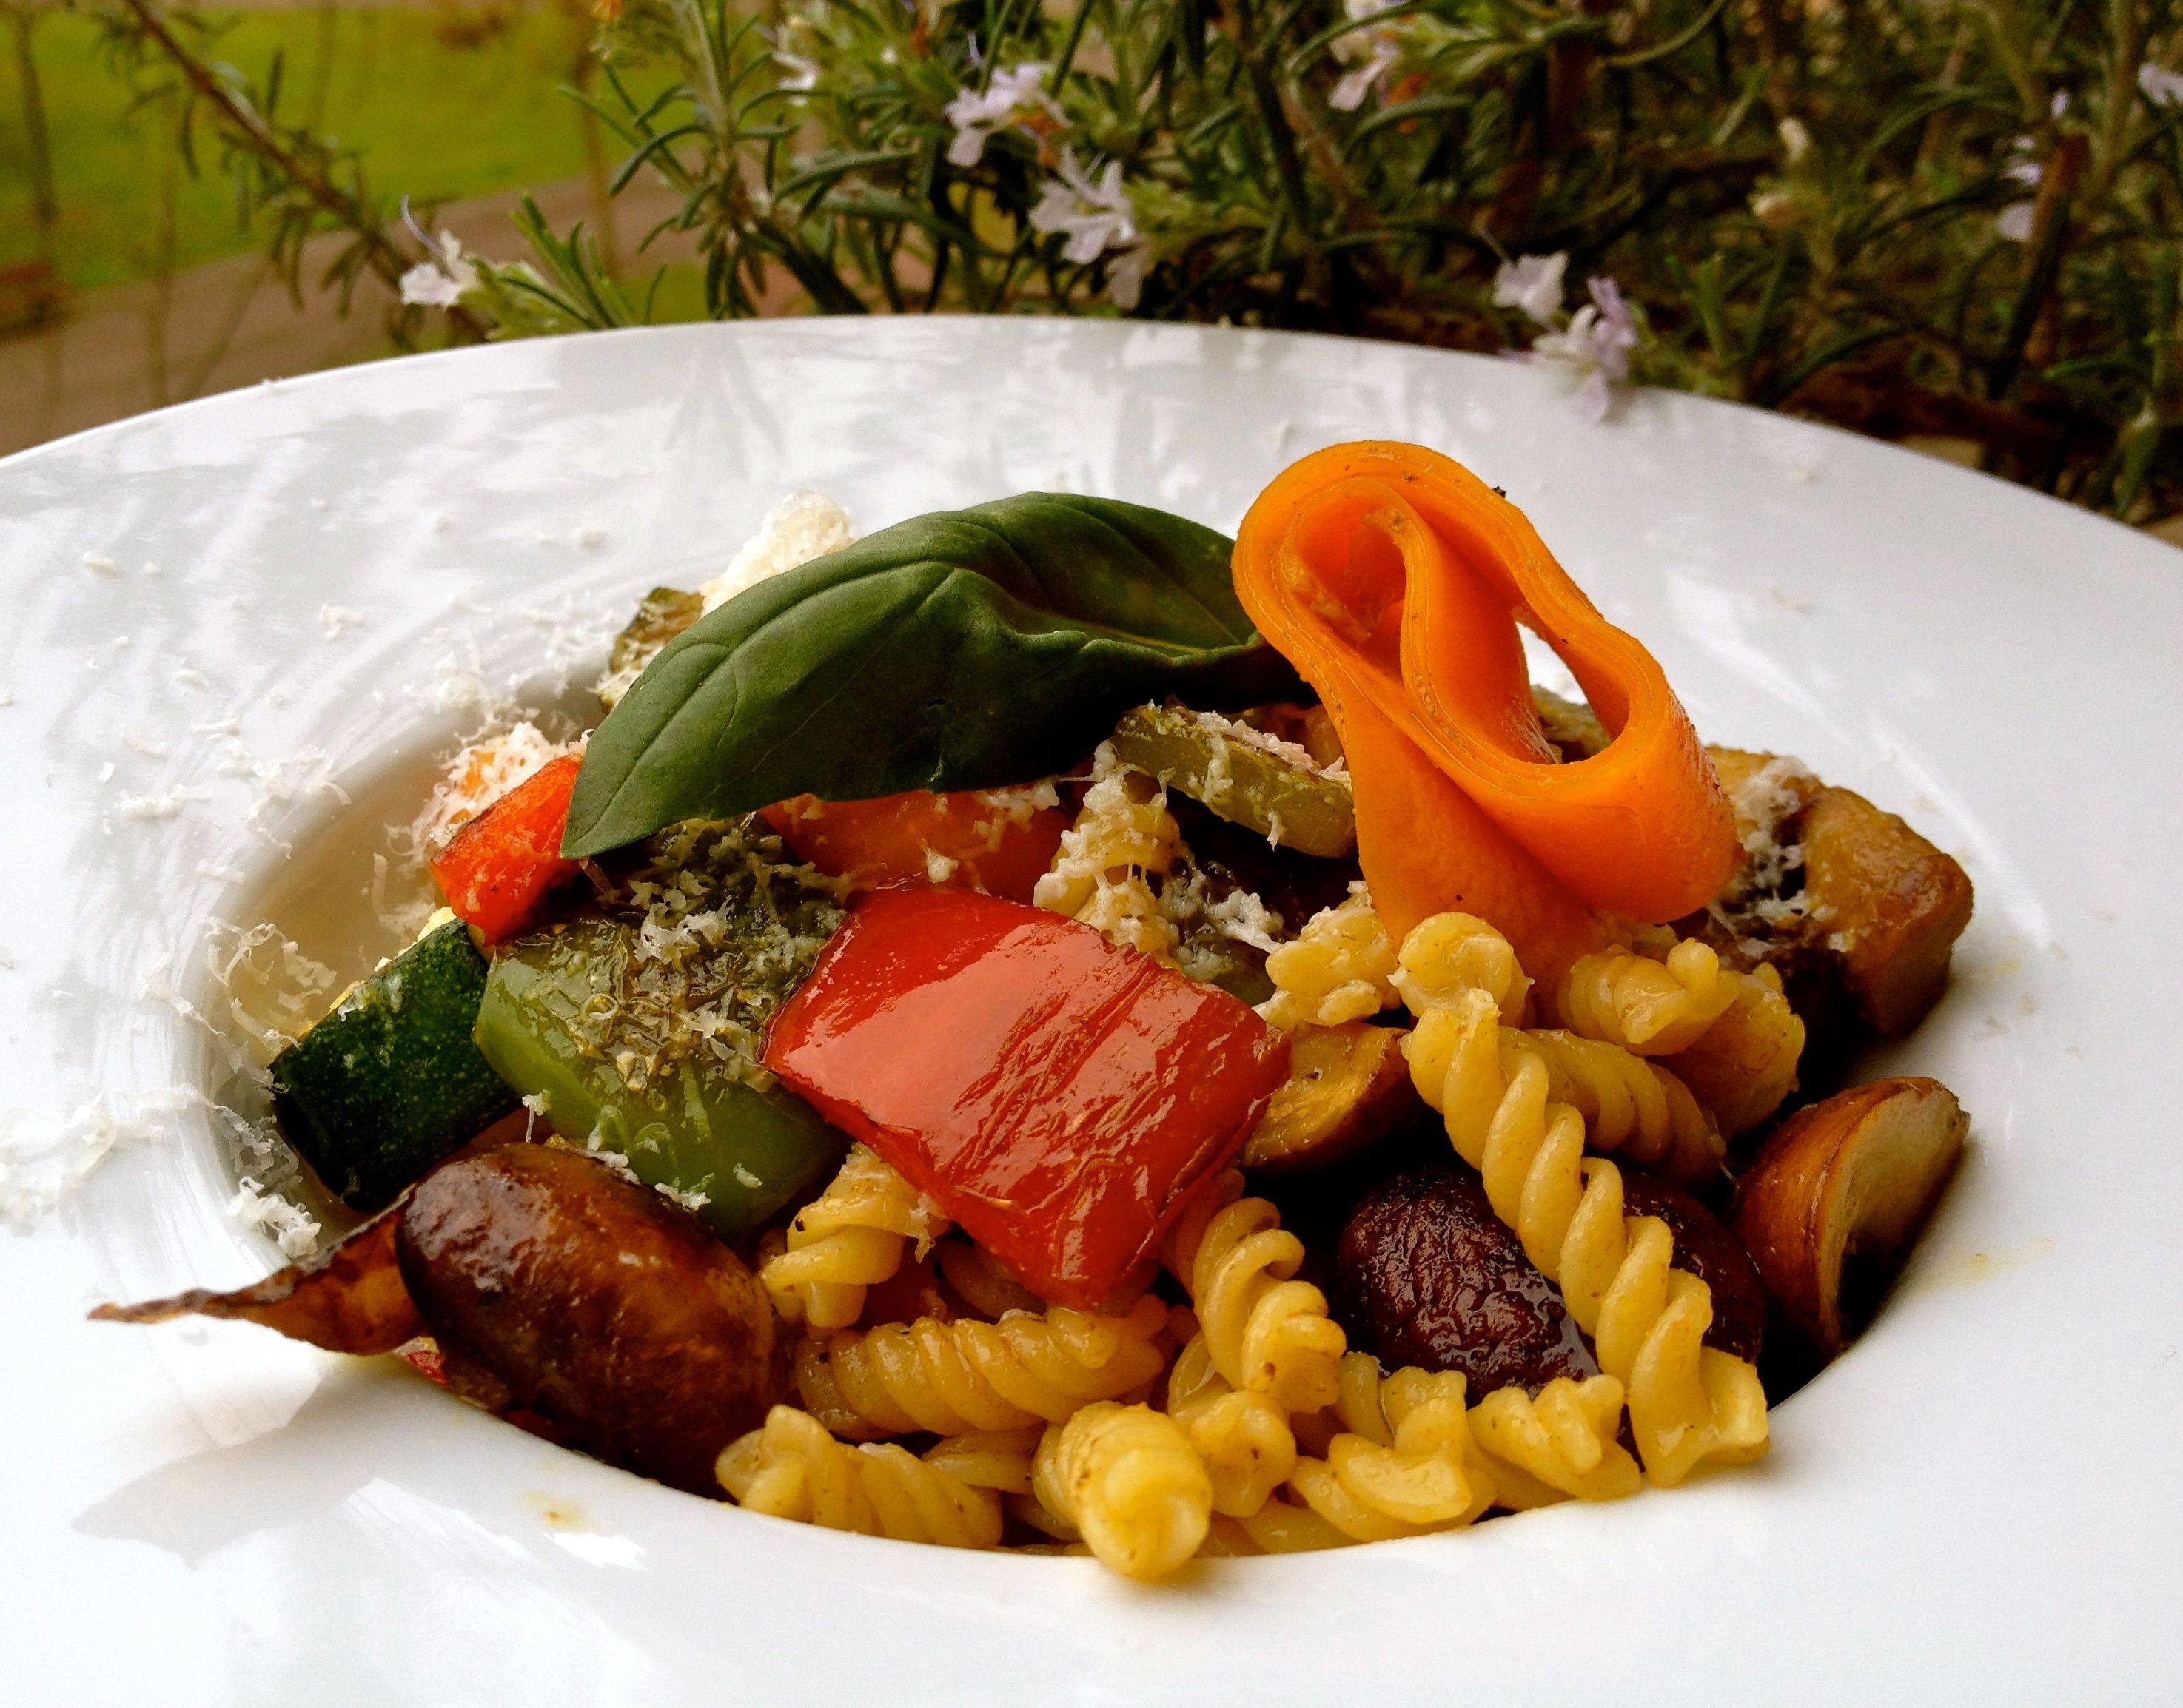 Espirales integrales con hortalizas, por Patxi Gimeno, cocinero deportivo